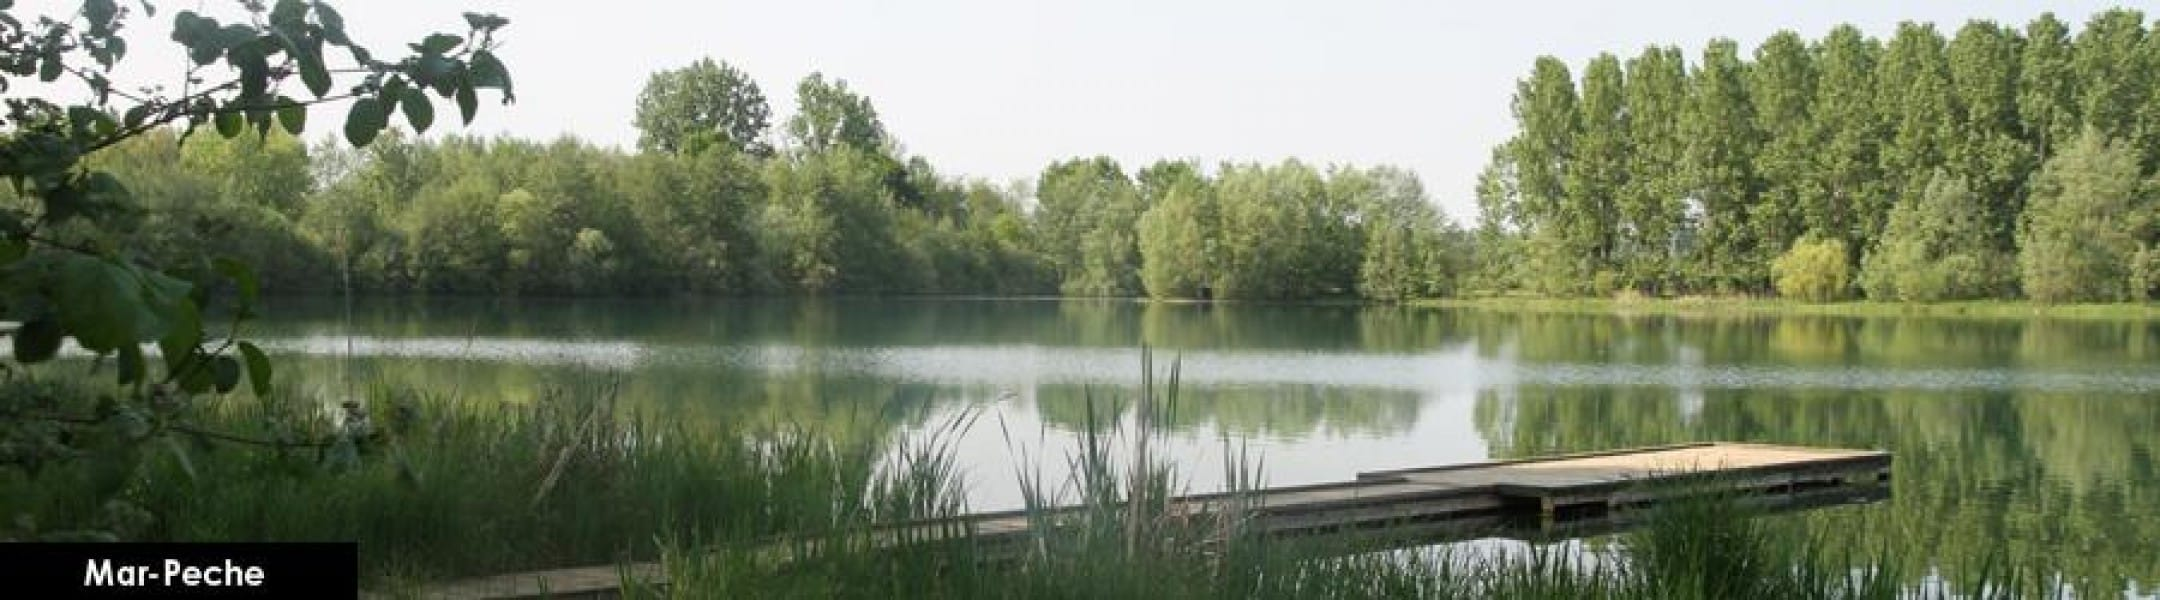 lacs prives ile de france etang mar peche domaine les beaux lac prive seine marne